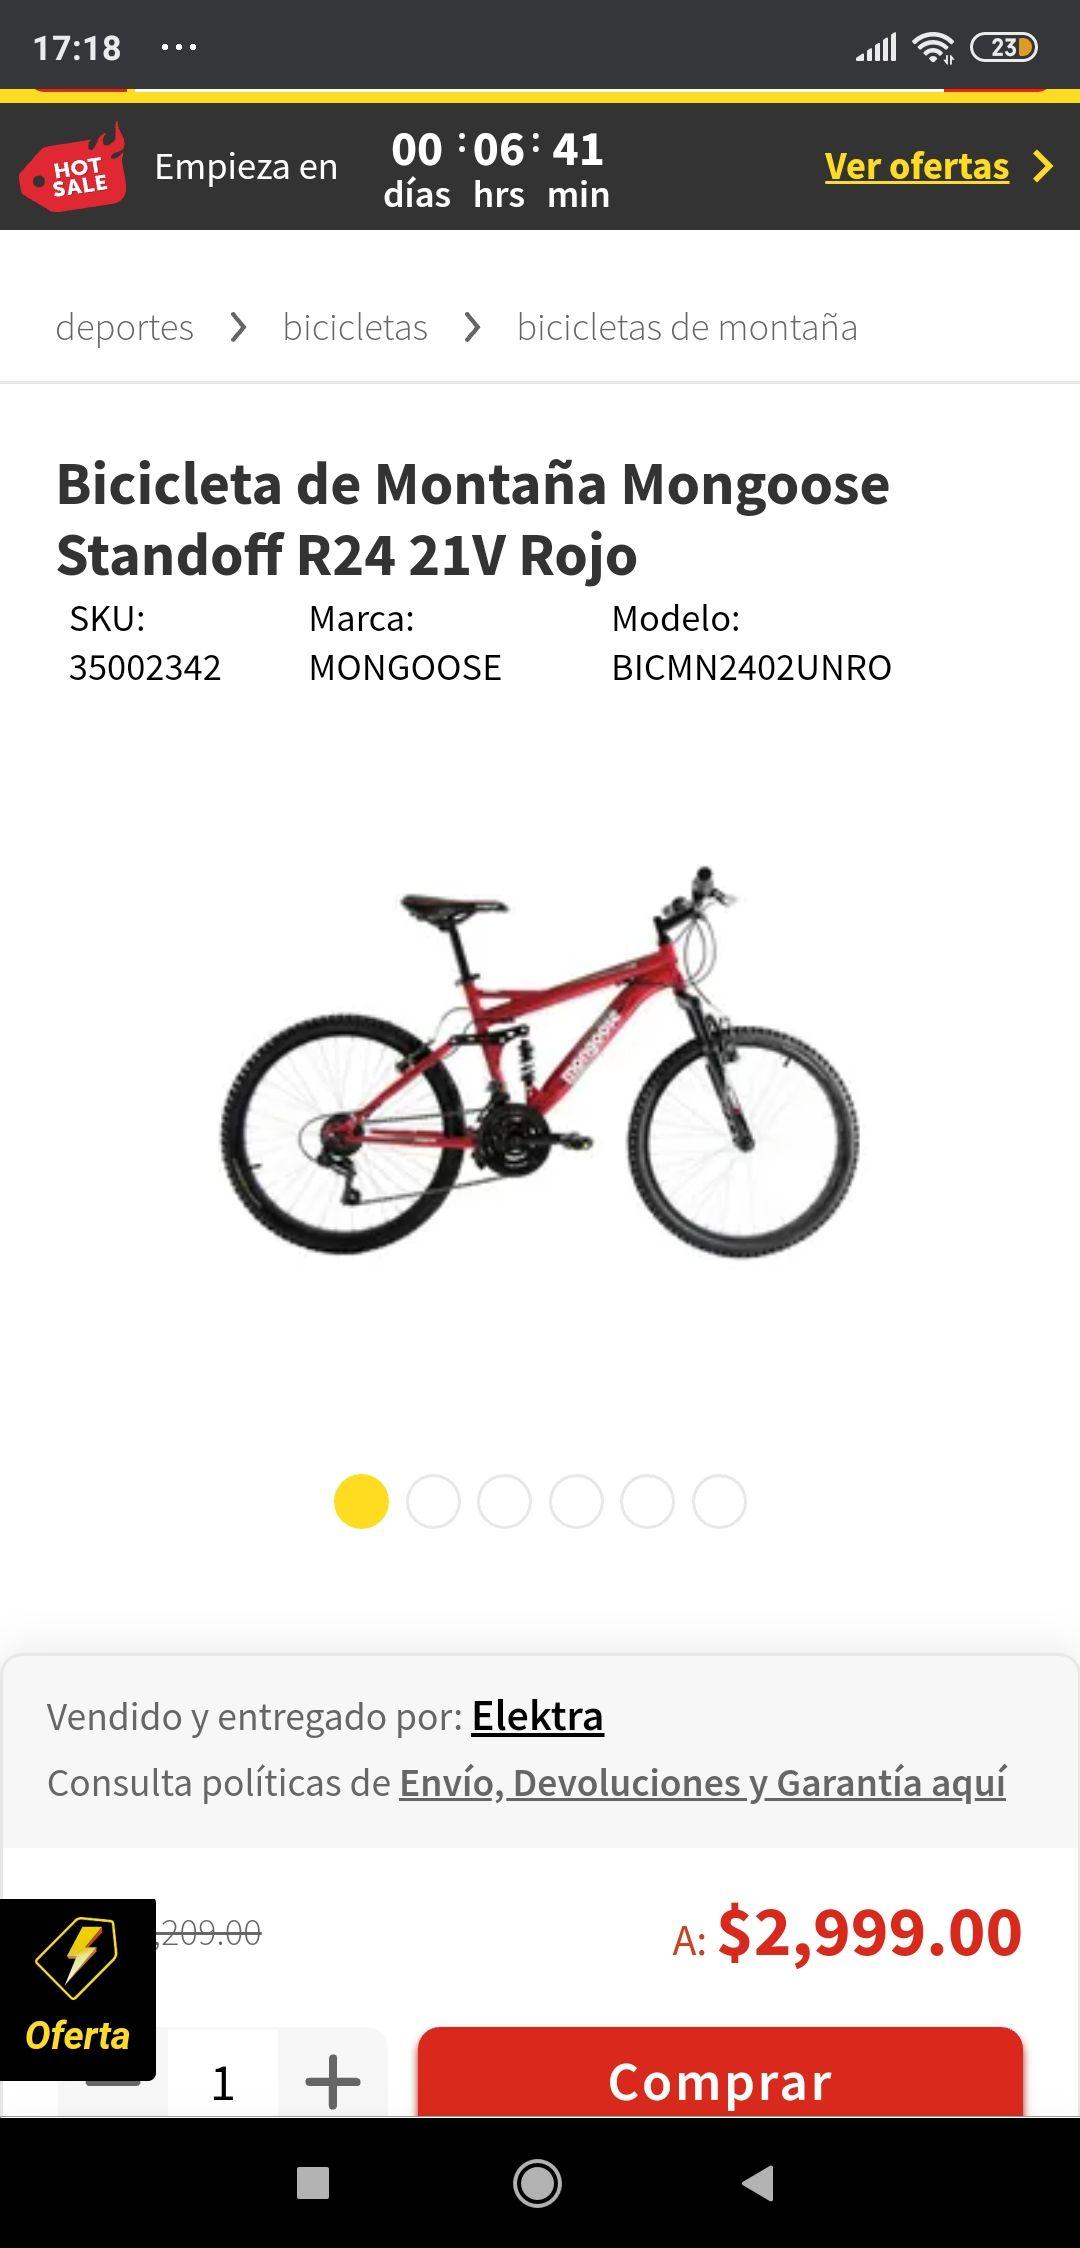 Elektra : Bicicleta de Montaña Mongoose Standoff R24 21V Rojo